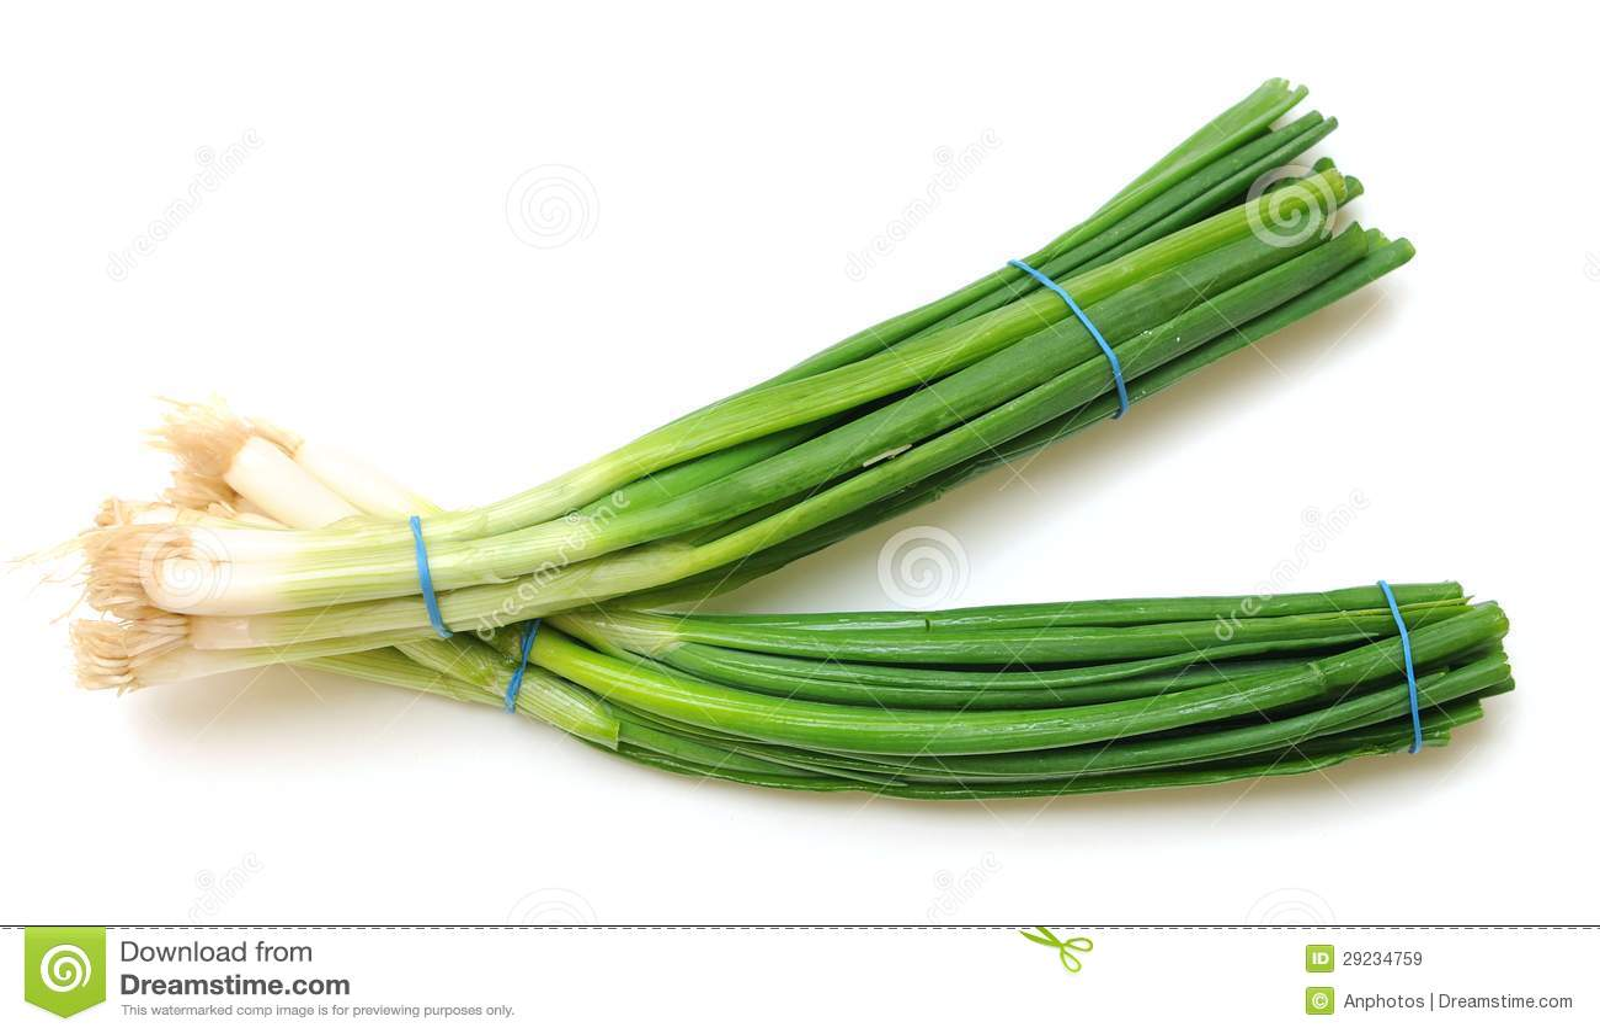 图片 包括有 绿色, 新鲜, 结构树, 叶子, 厨师, 食物, 厨房, 本质